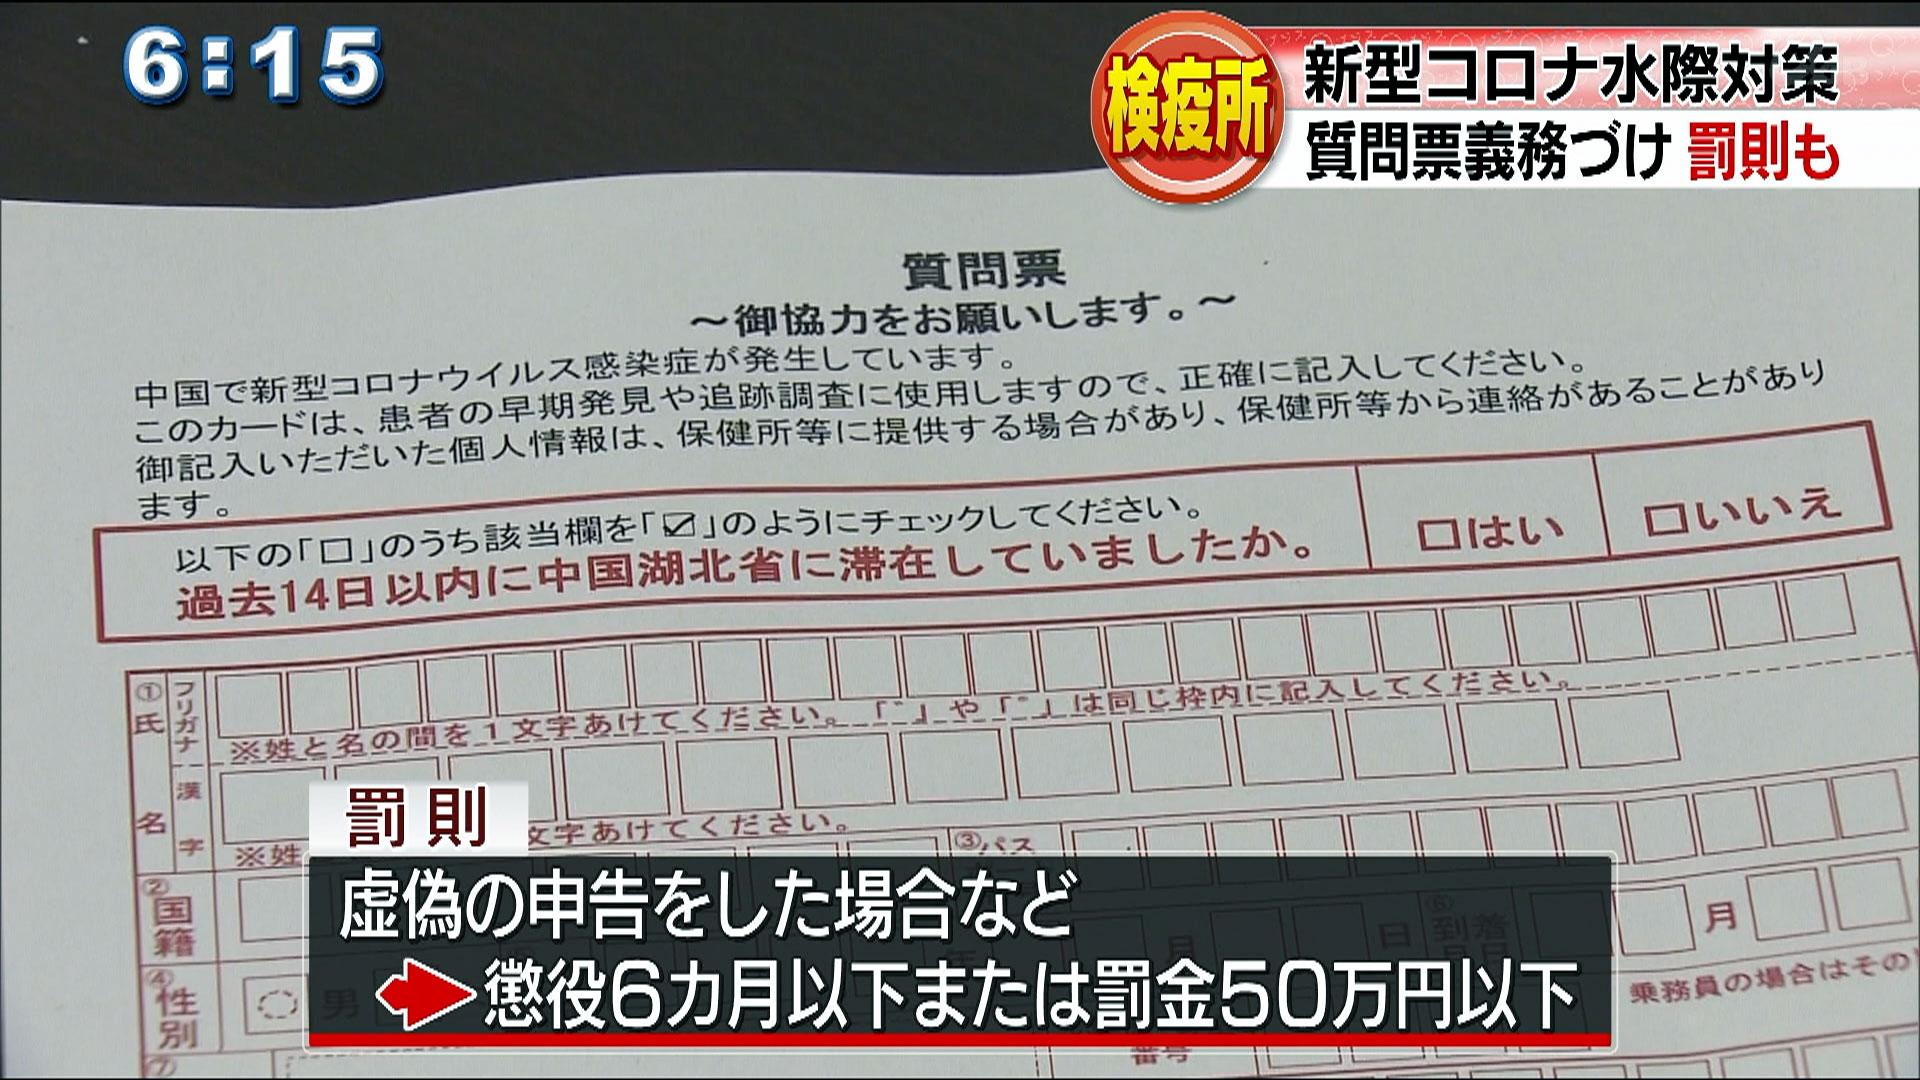 中国本土から寄港のクルーズ船 乗員・乗客に質問票